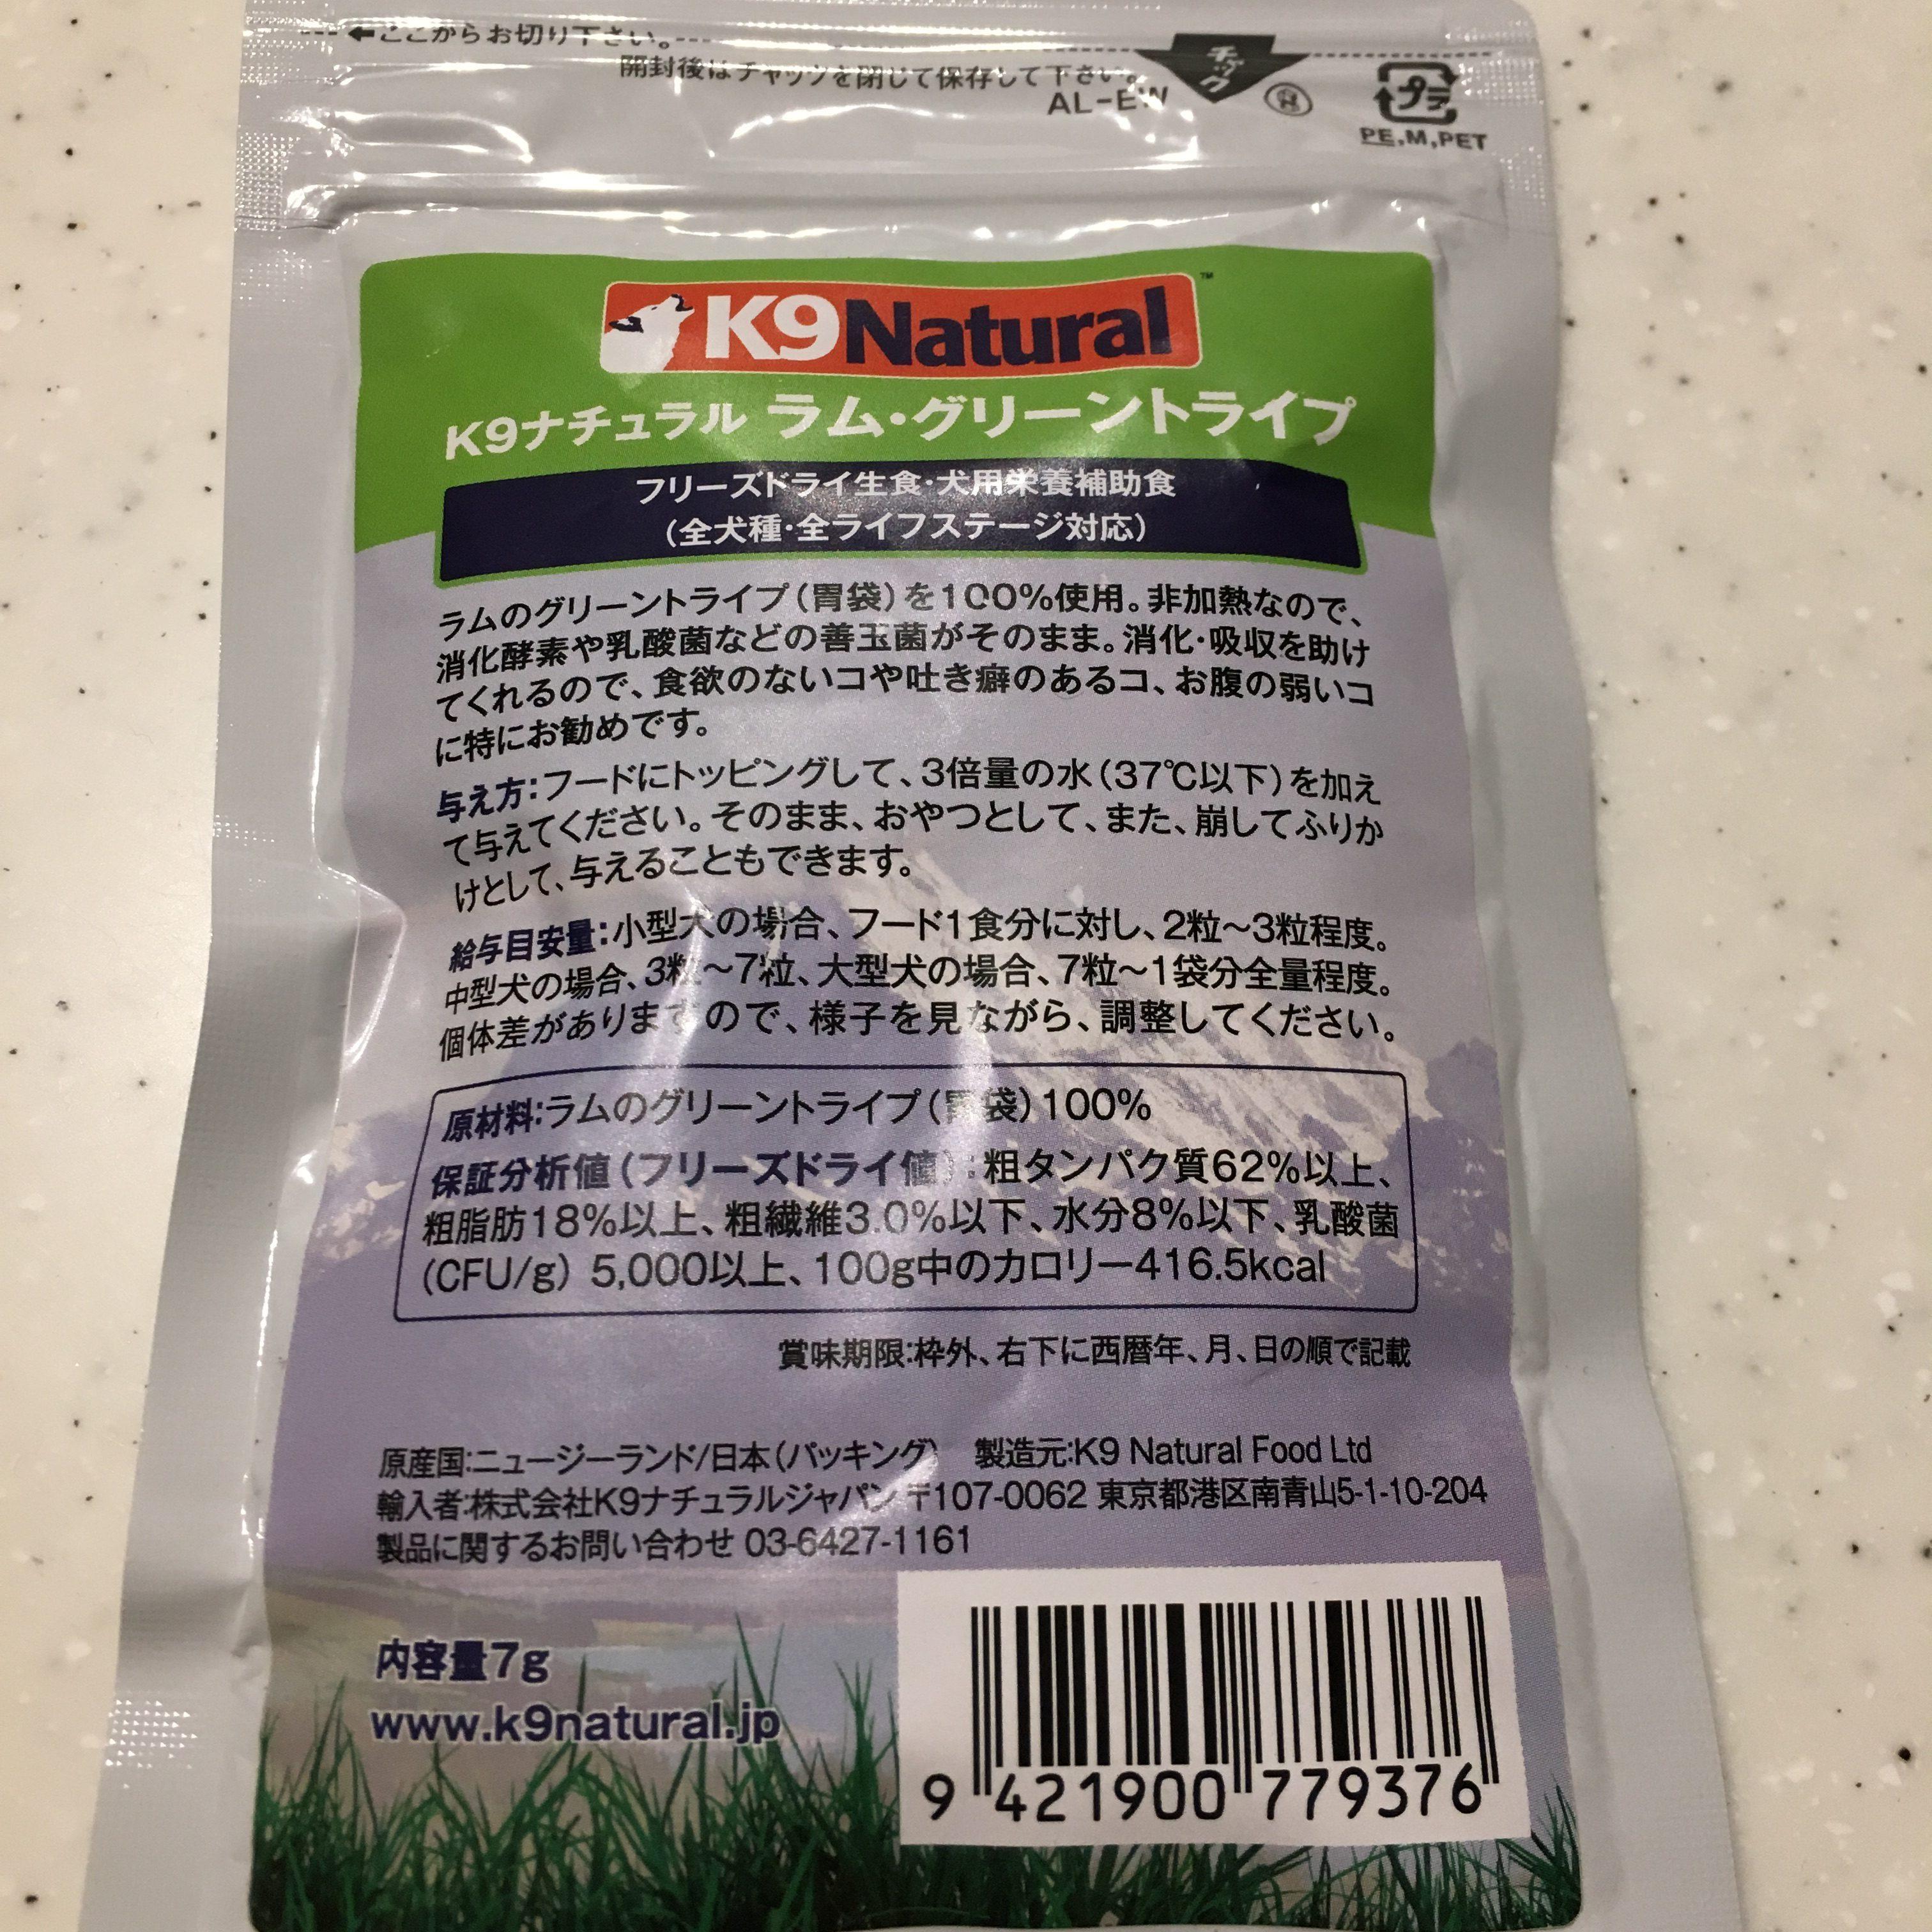 K9ナチュラル・グリーントライプ